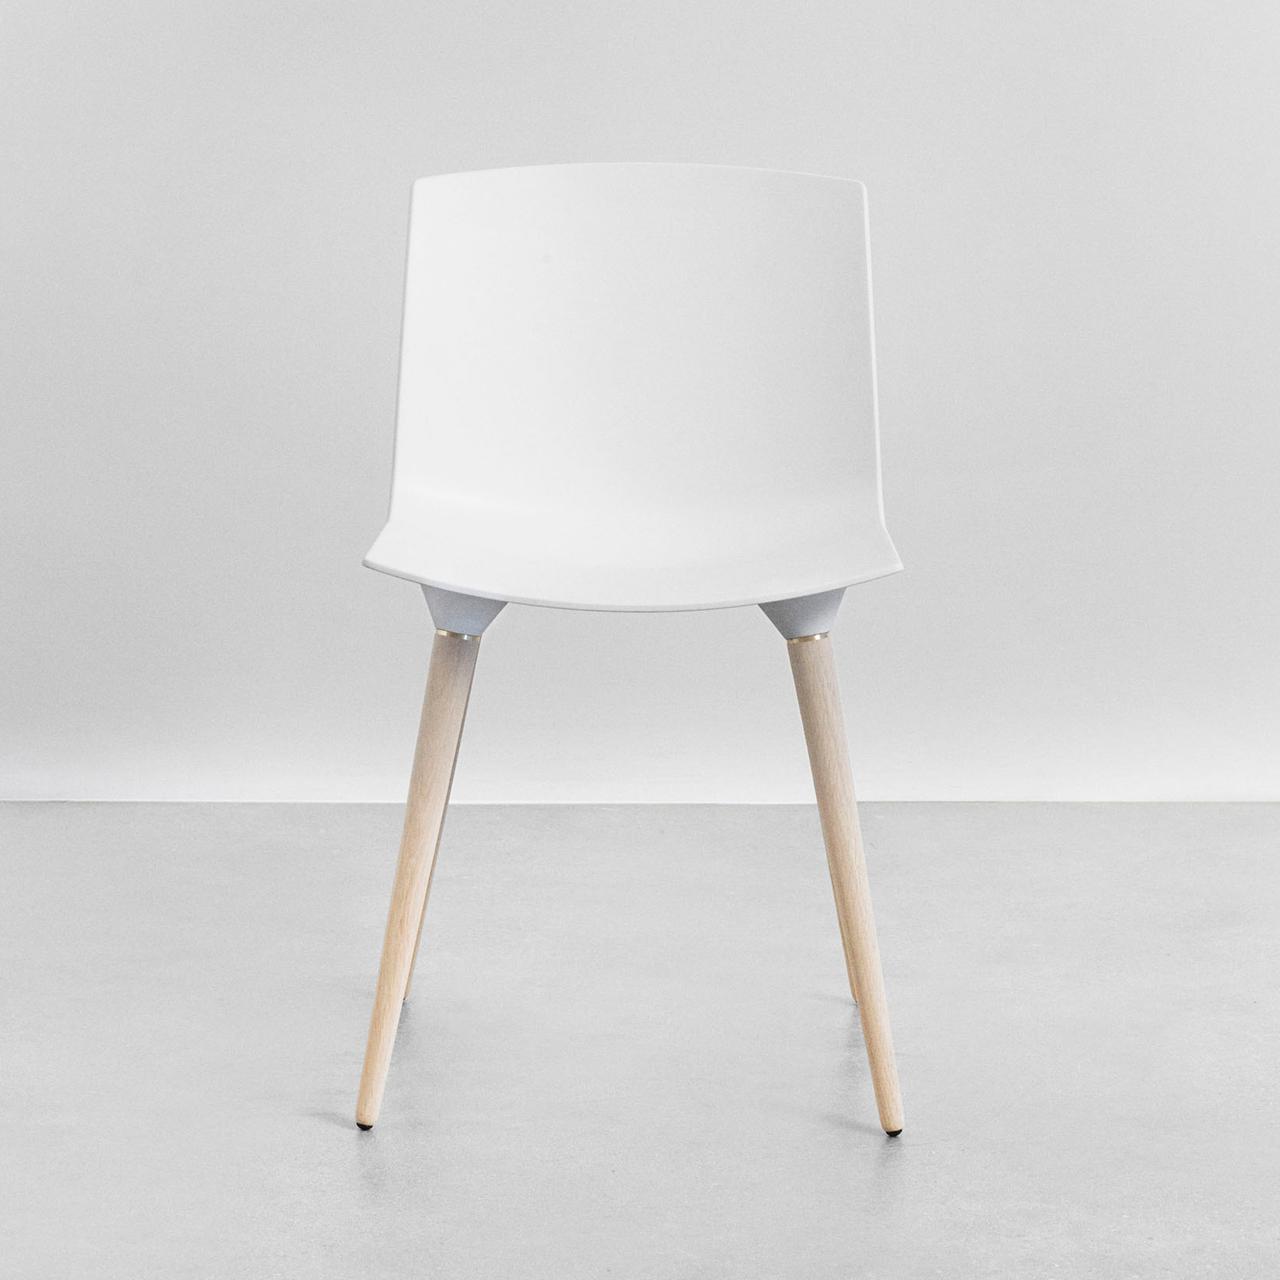 Andersen Furniture TAC Stol Sæt fra Andersen Furniture